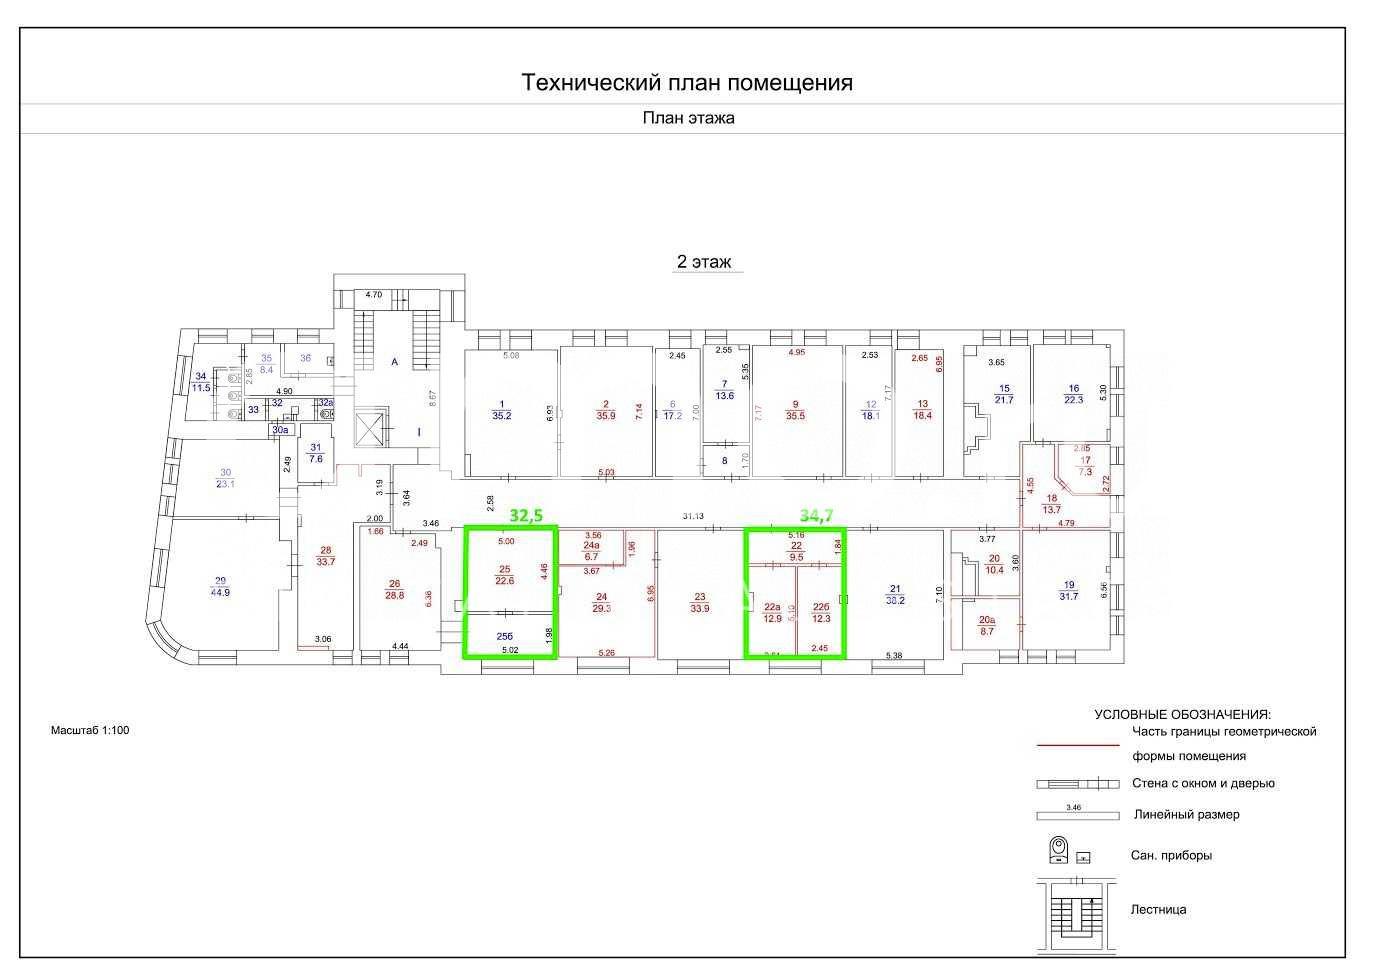 В содержание документа входит поэтажный план здания, на котором описывается конфигурация помещения.